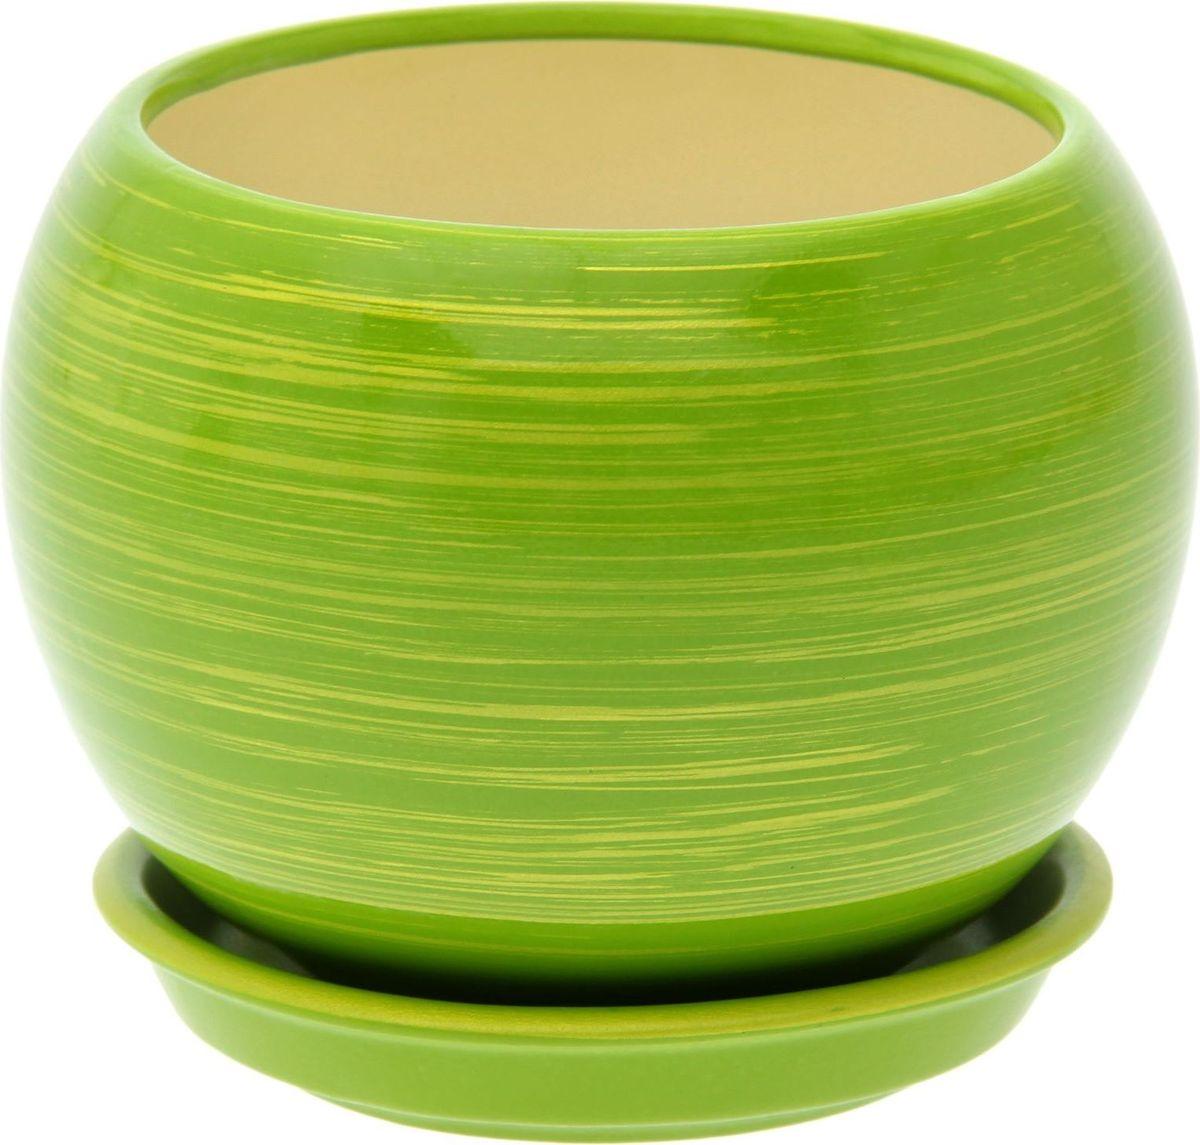 Кашпо Керамика ручной работы Шар, цвет: салатовый, золотой, 9 л1489752Комнатные растения — всеобщие любимцы. Они радуют глаз, насыщают помещение кислородом и украшают пространство. Каждому из них необходим свой удобный и красивый дом. Кашпо из керамики прекрасно подходят для высадки растений: за счет пластичности глины и разных способов обработки существует великое множество форм и дизайнов пористый материал позволяет испаряться лишней влаге воздух, необходимый для дыхания корней, проникает сквозь керамические стенки! Позаботится о зеленом питомце, освежит интерьер и подчеркнет его стиль.